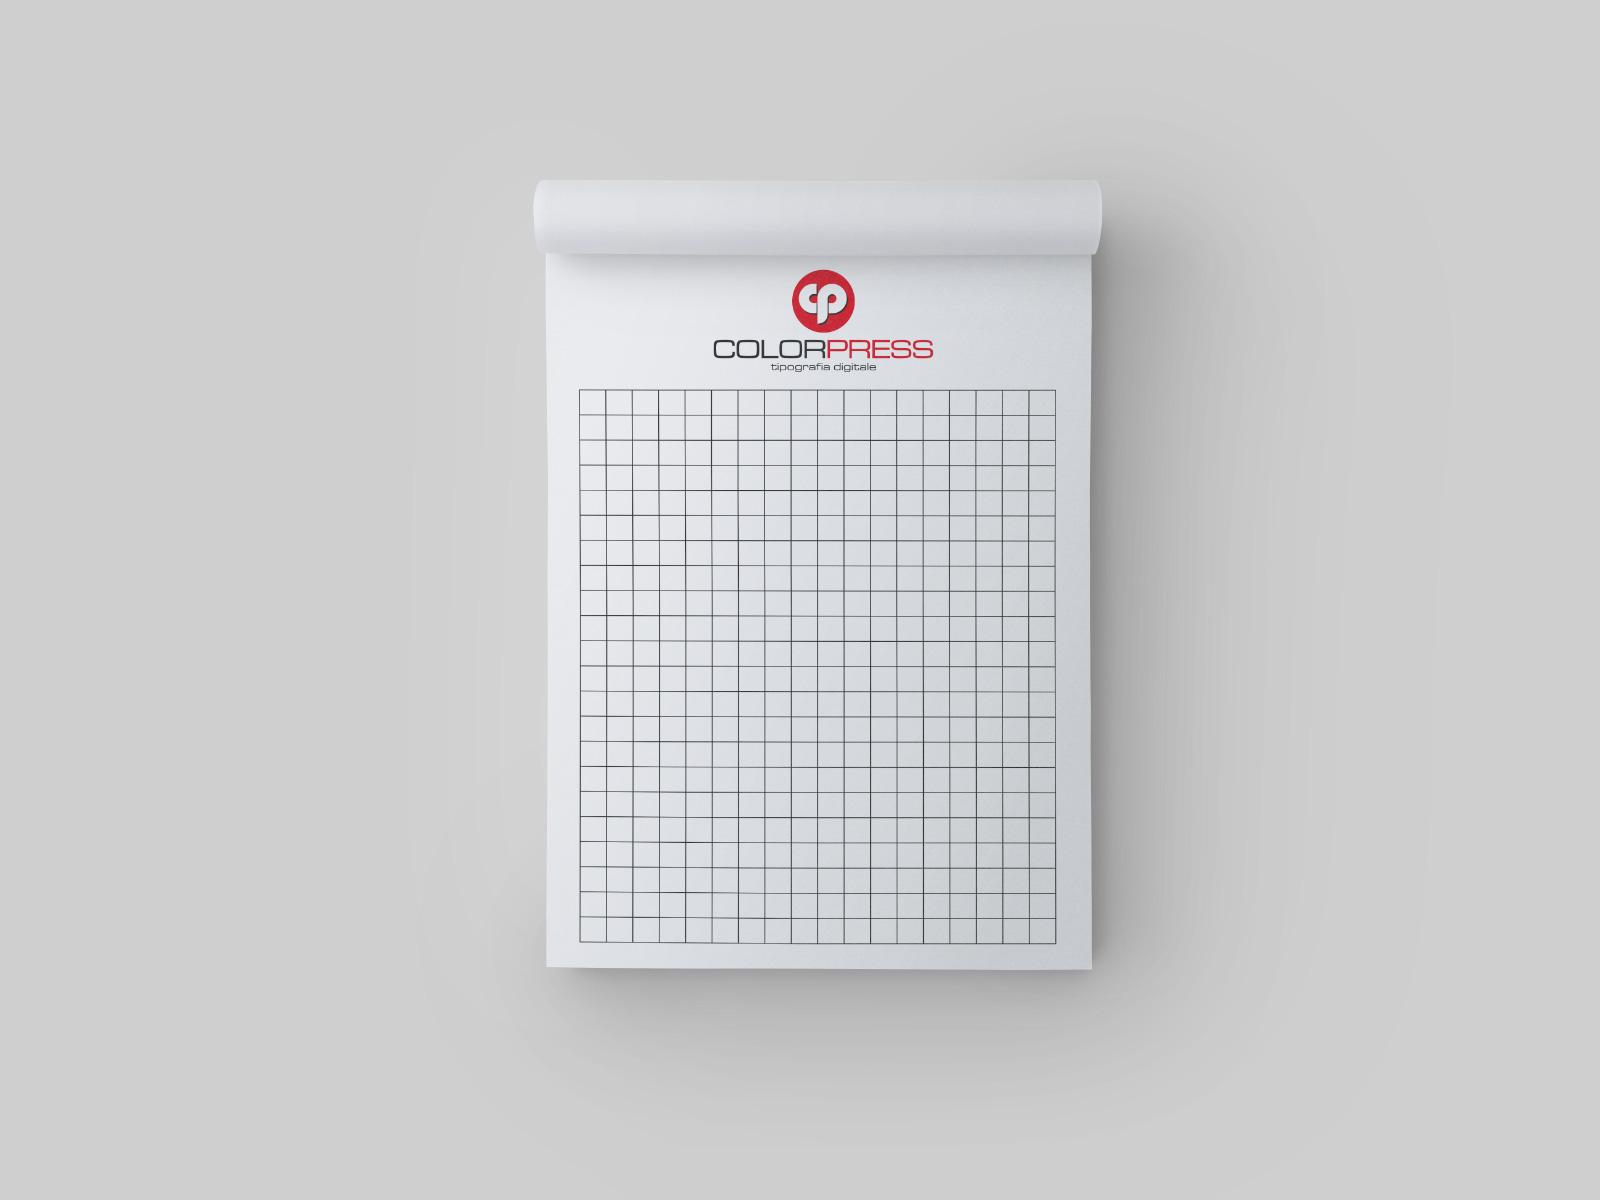 Colorpress Block Notes Colorpress